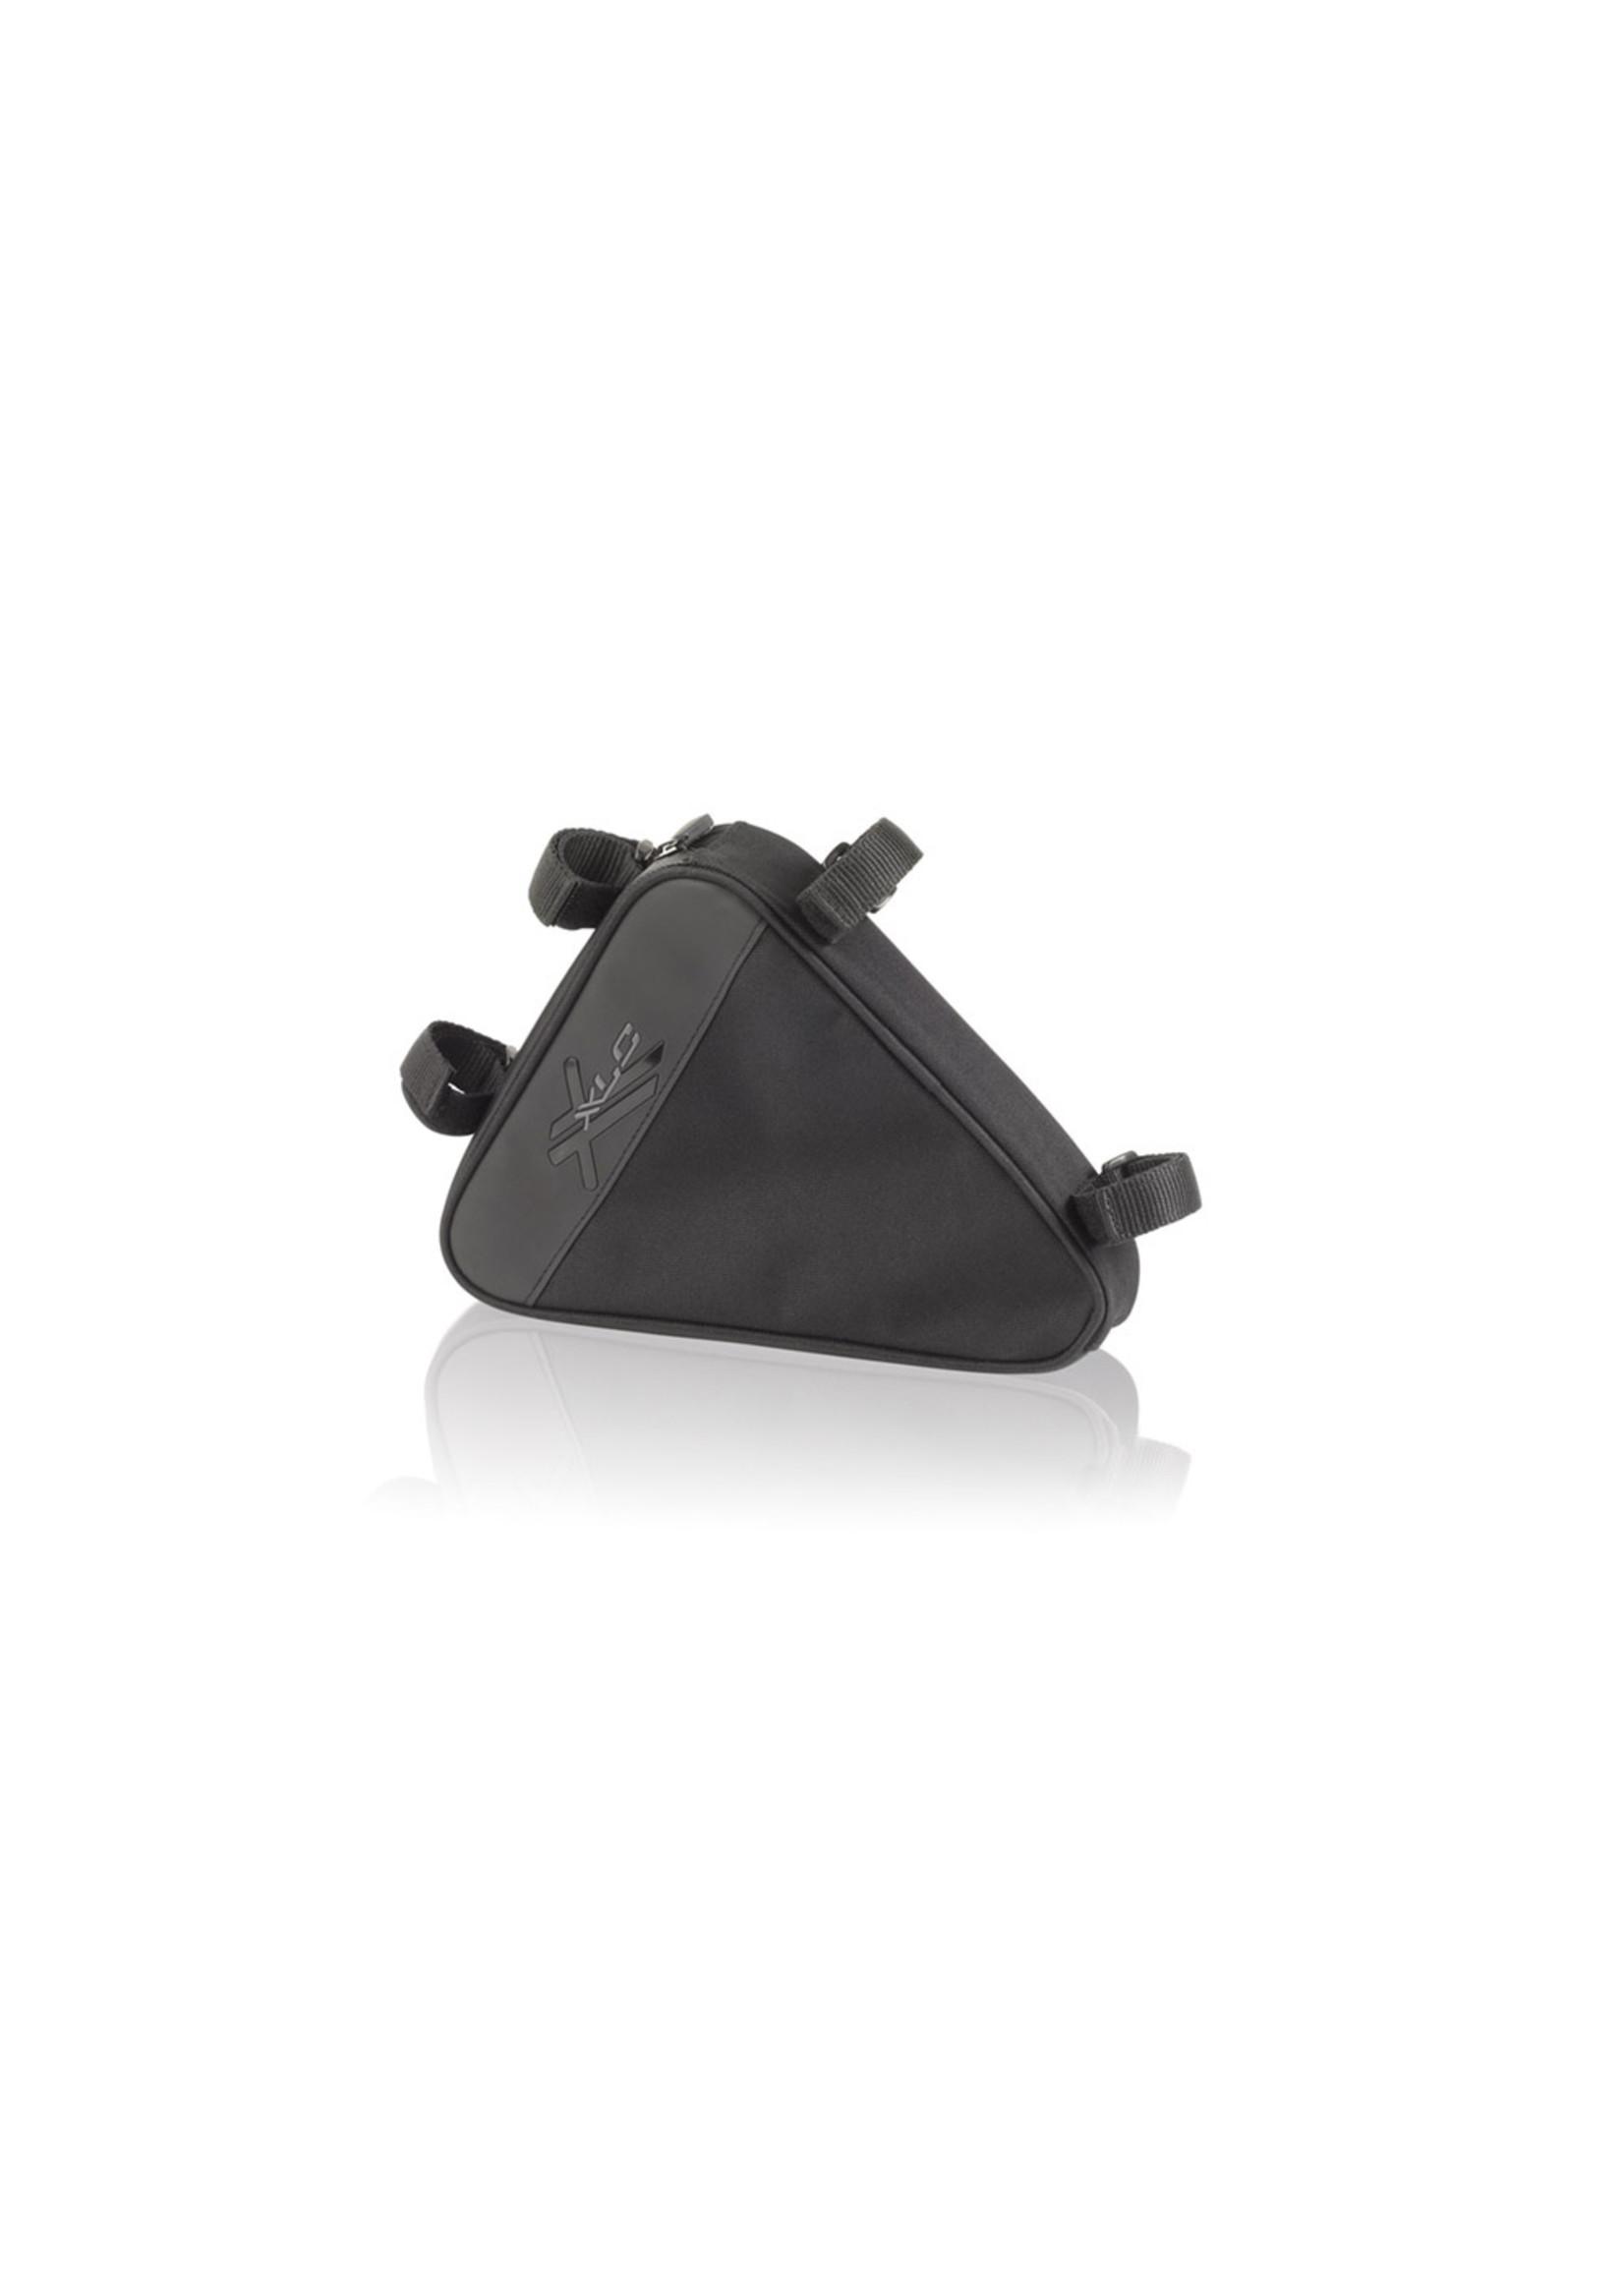 XLC Frame Triangle Bag